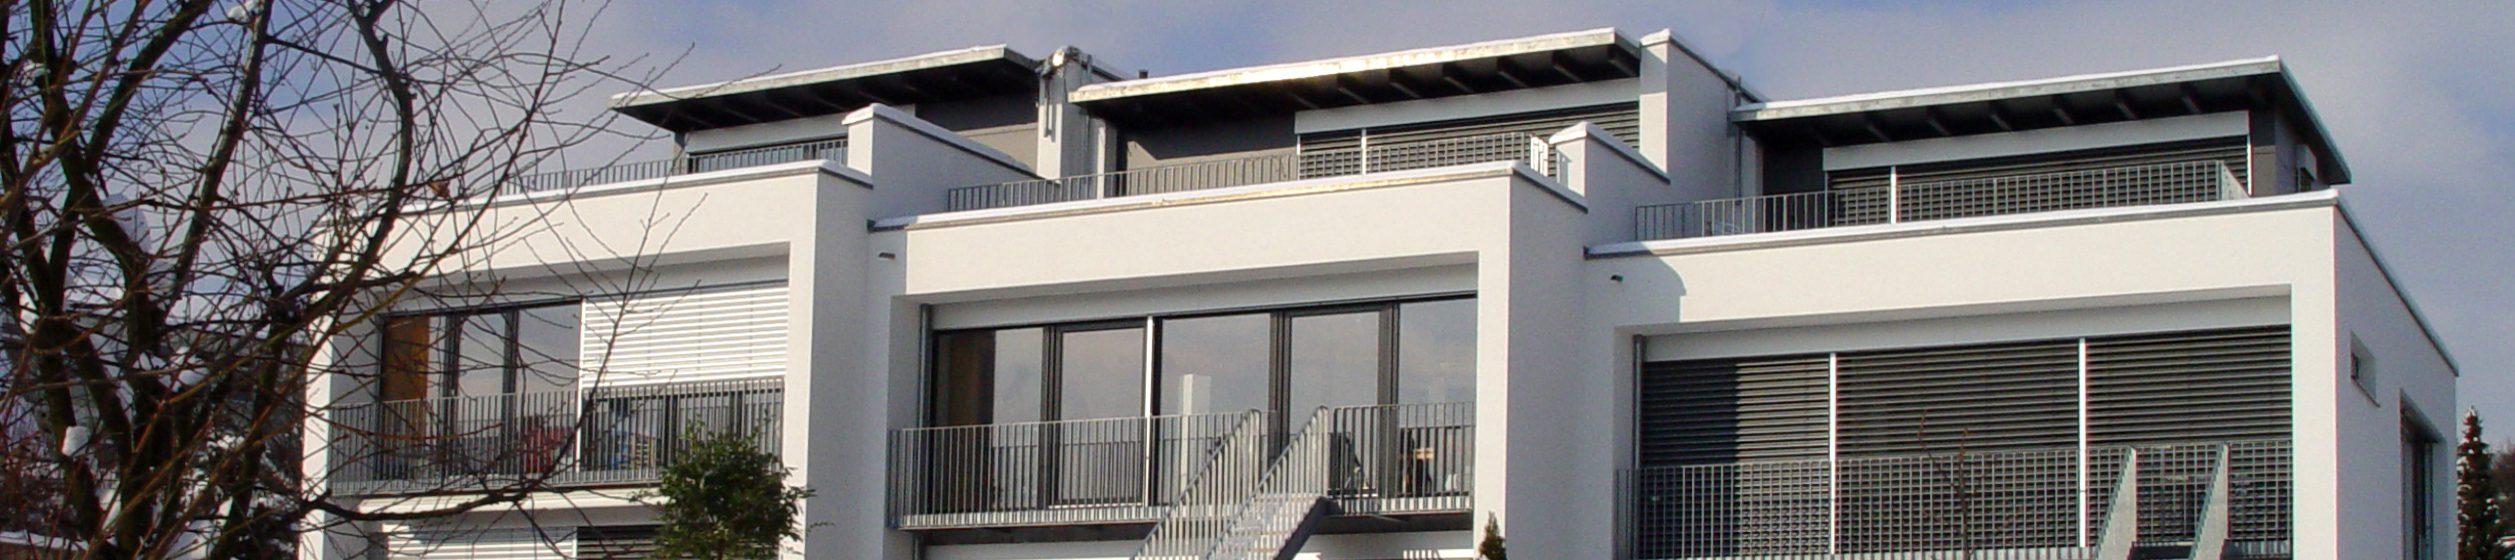 Neubau von drei Reihenhäusern in Lindau - Rainhausgasse